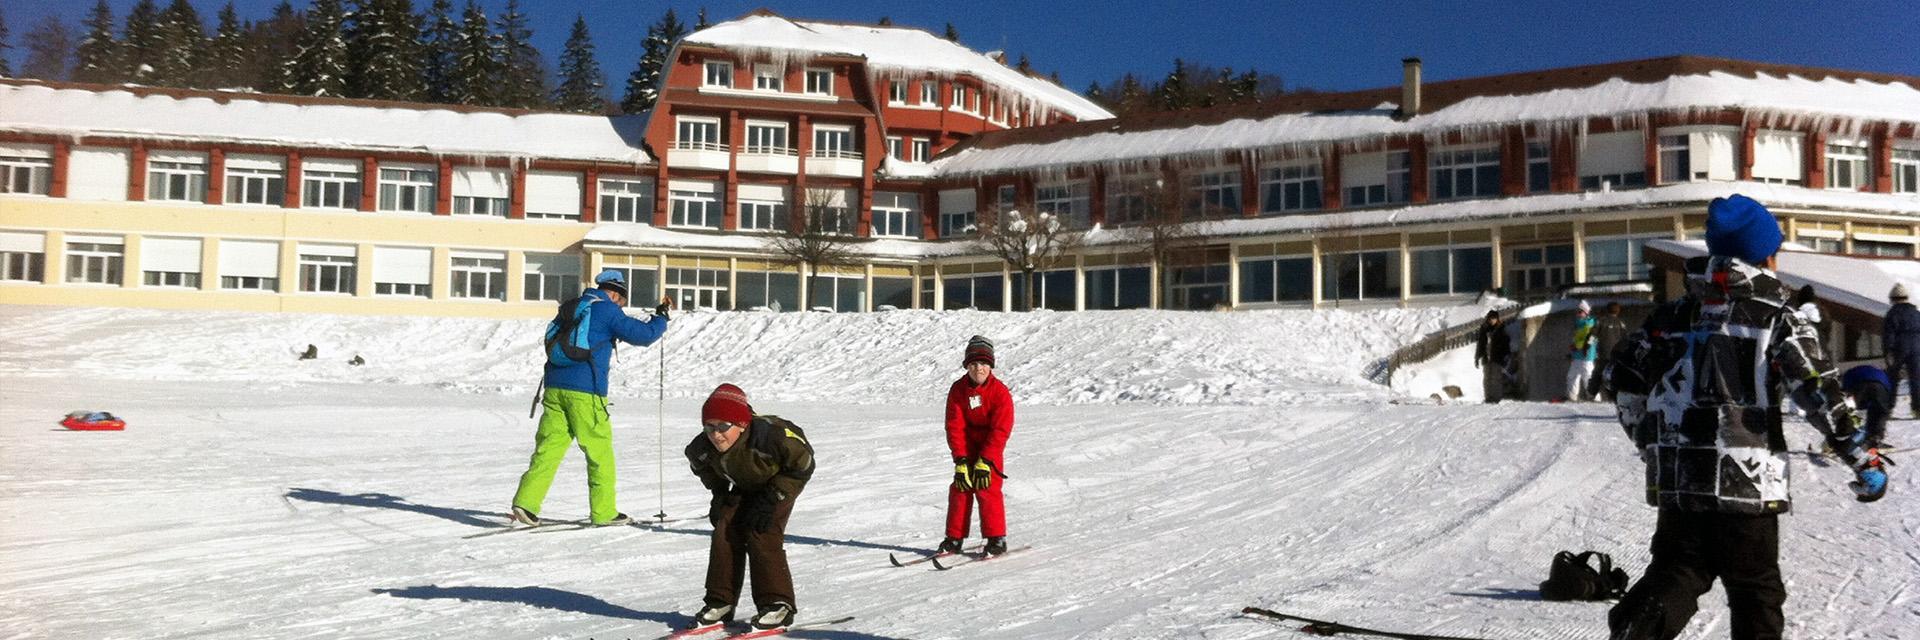 Village_club_vacances_provence_L'Escandille-village-ski